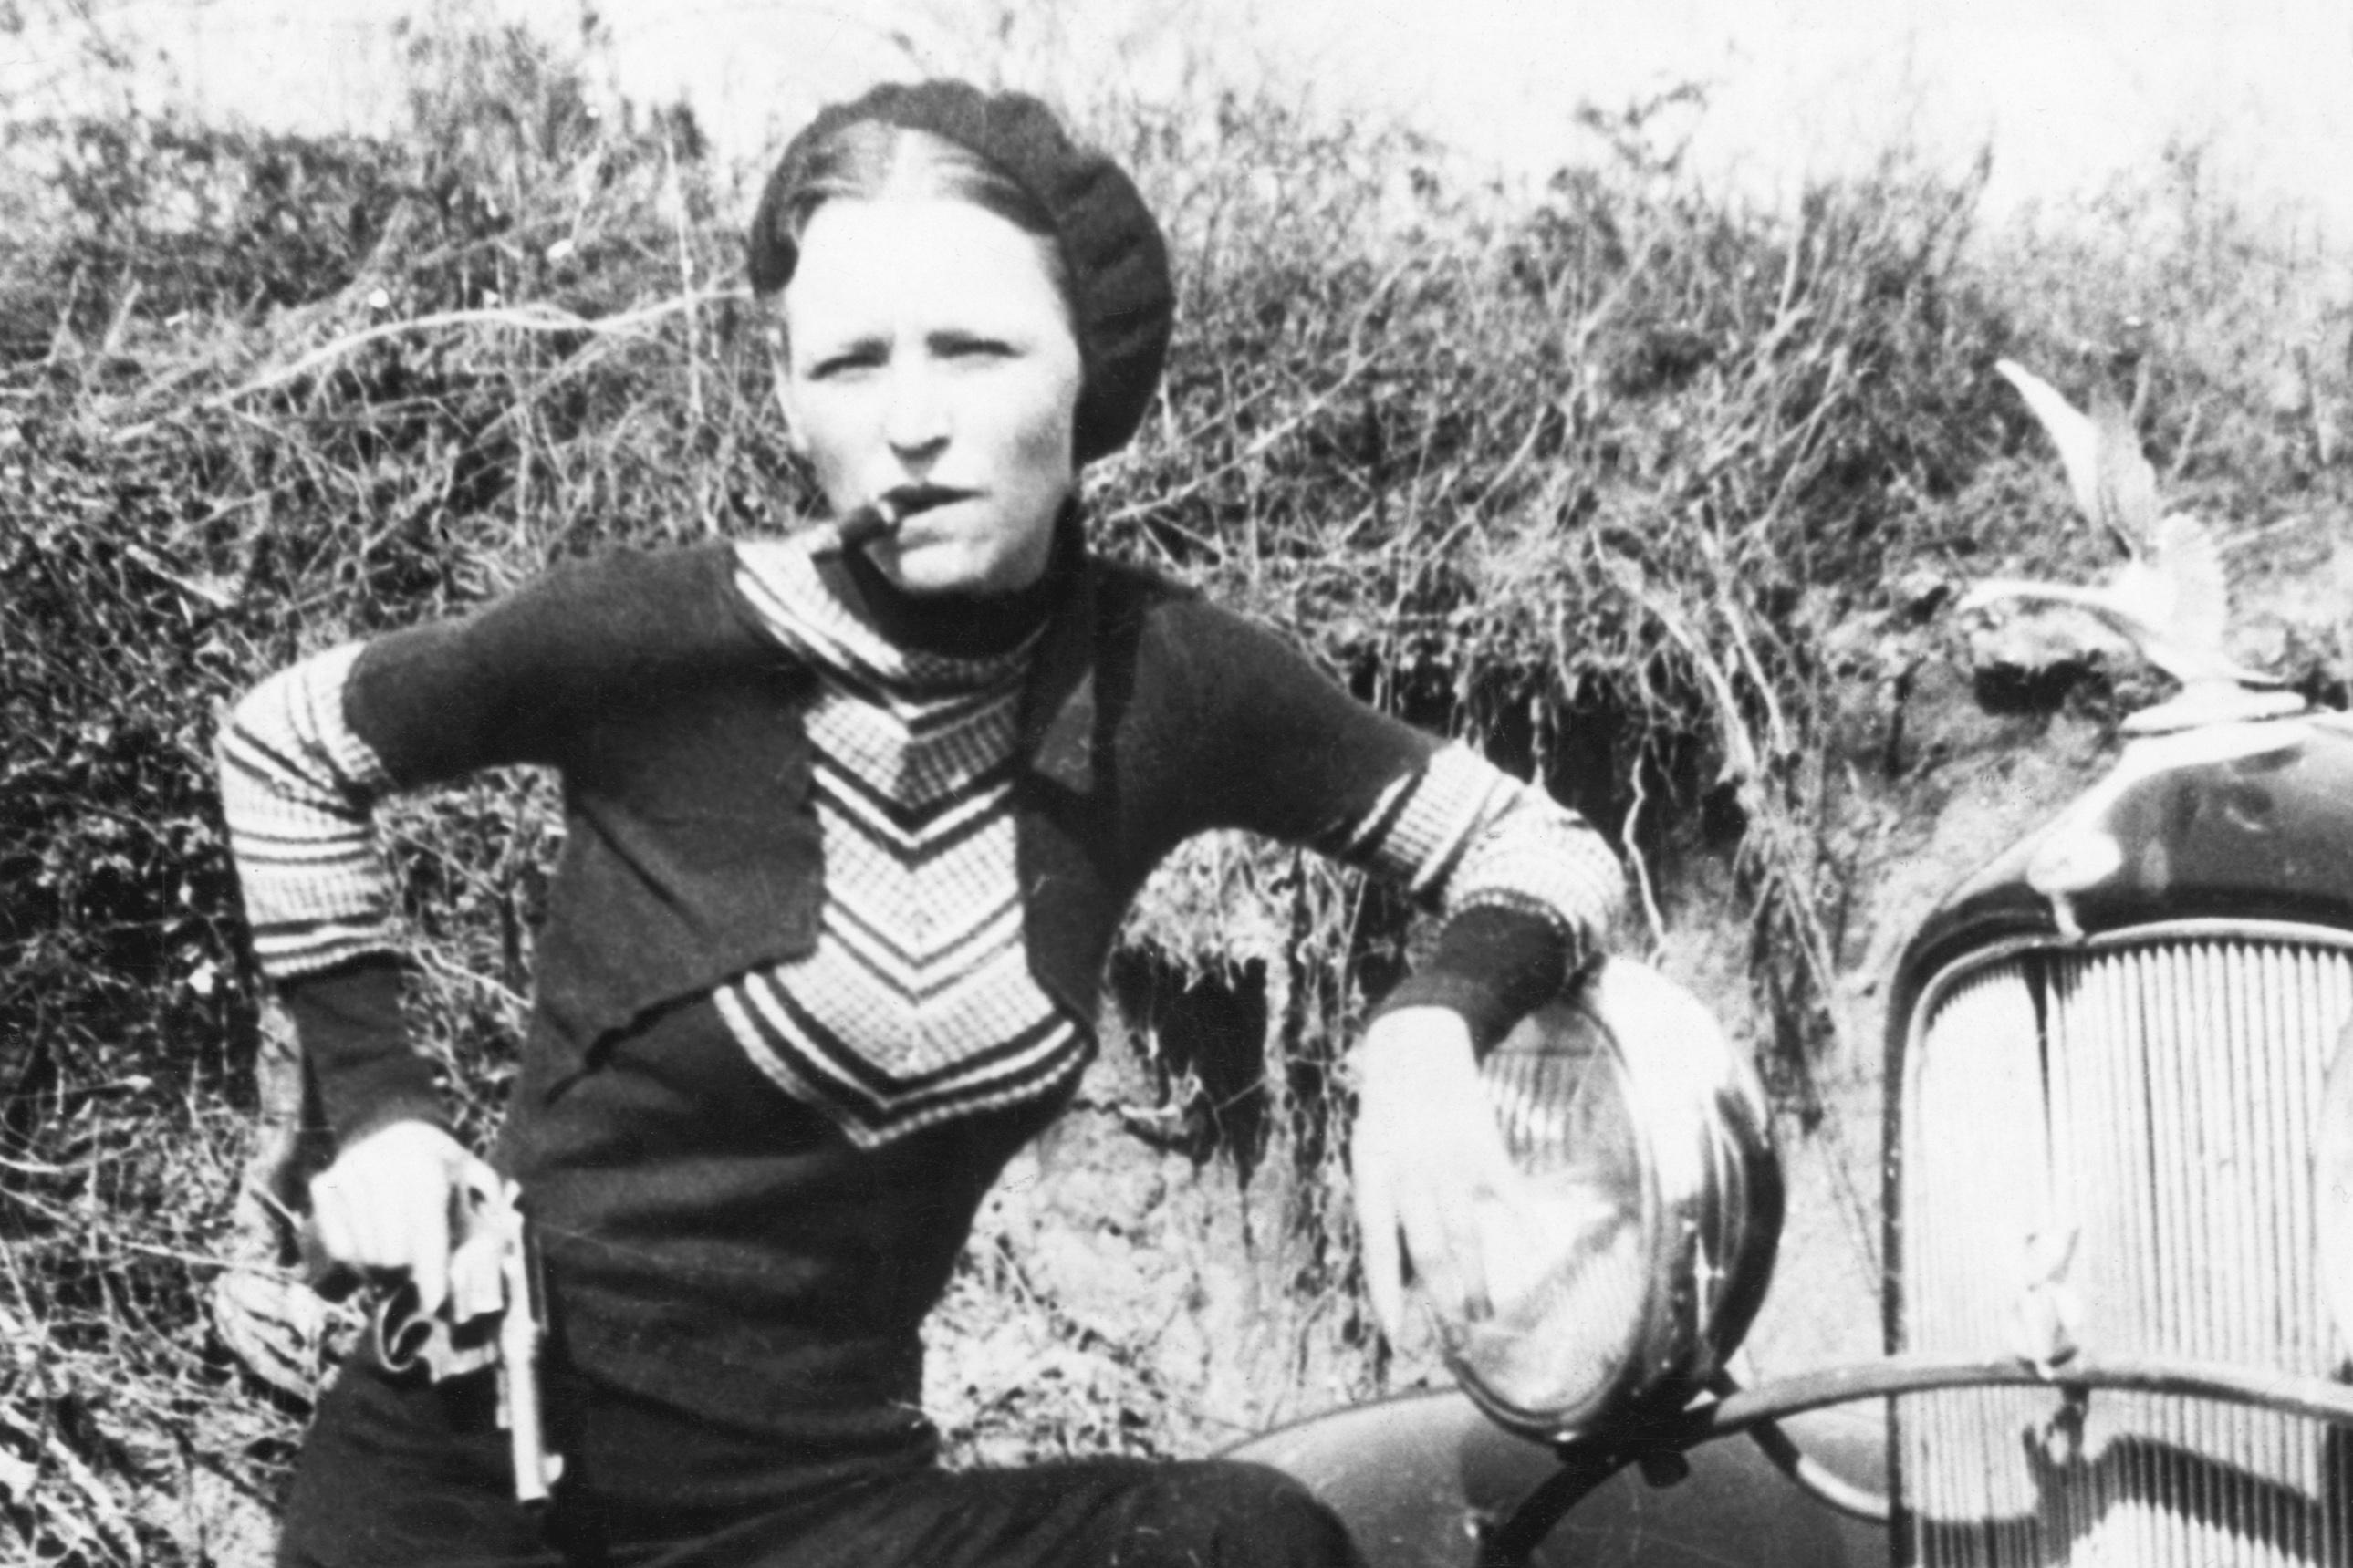 Bonnie Parker, partner of Clyde Barrow, smoking a cigar